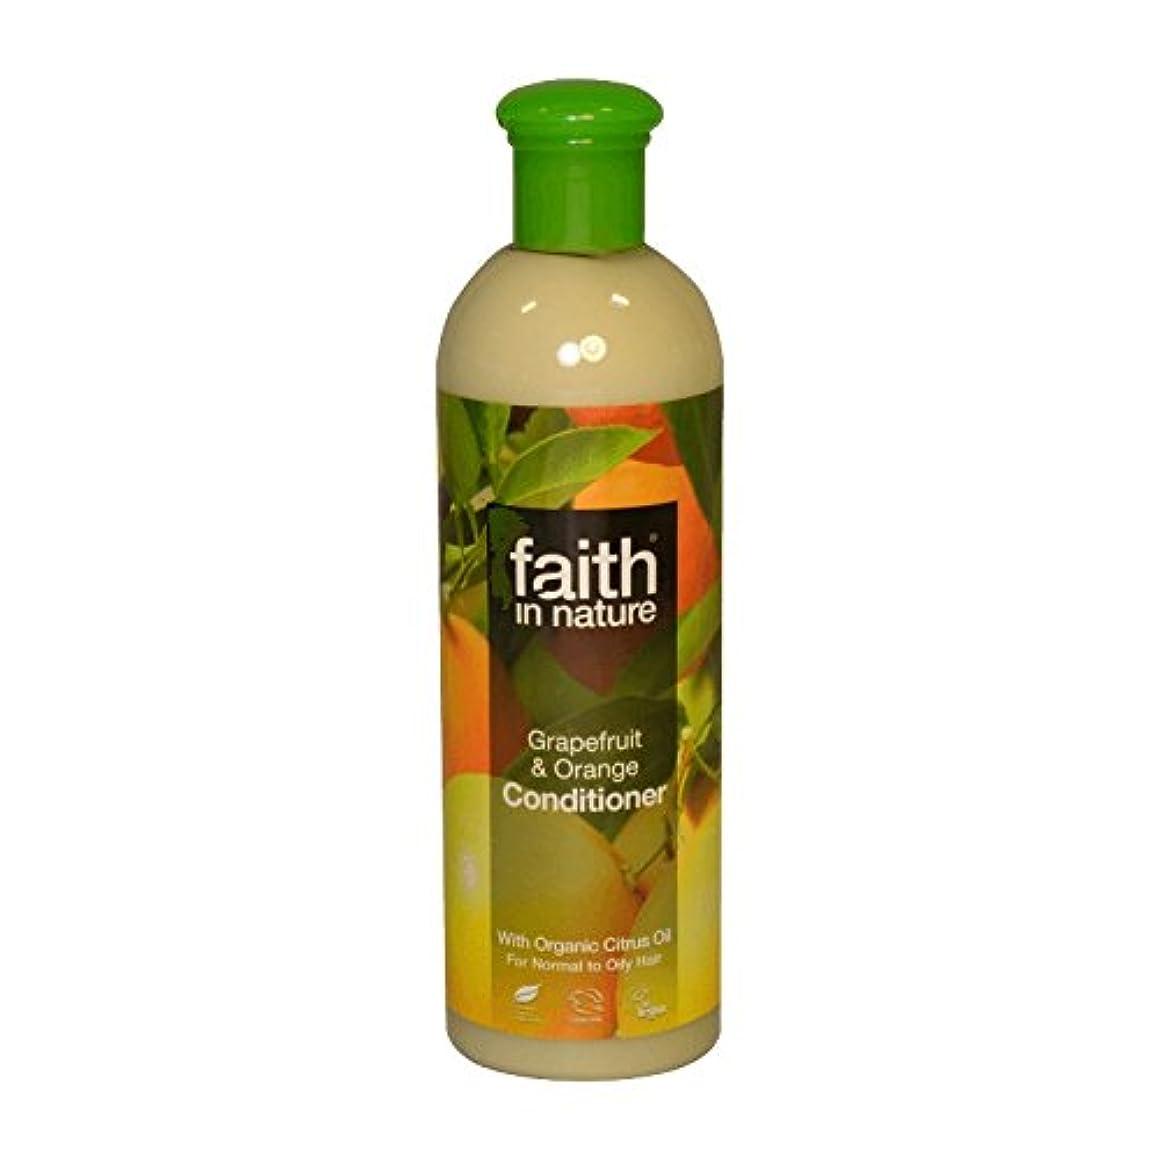 修復見物人背の高い自然グレープフルーツ&オレンジコンディショナー400ミリリットルの信仰 - Faith in Nature Grapefruit & Orange Conditioner 400ml (Faith in Nature) [並行輸入品]